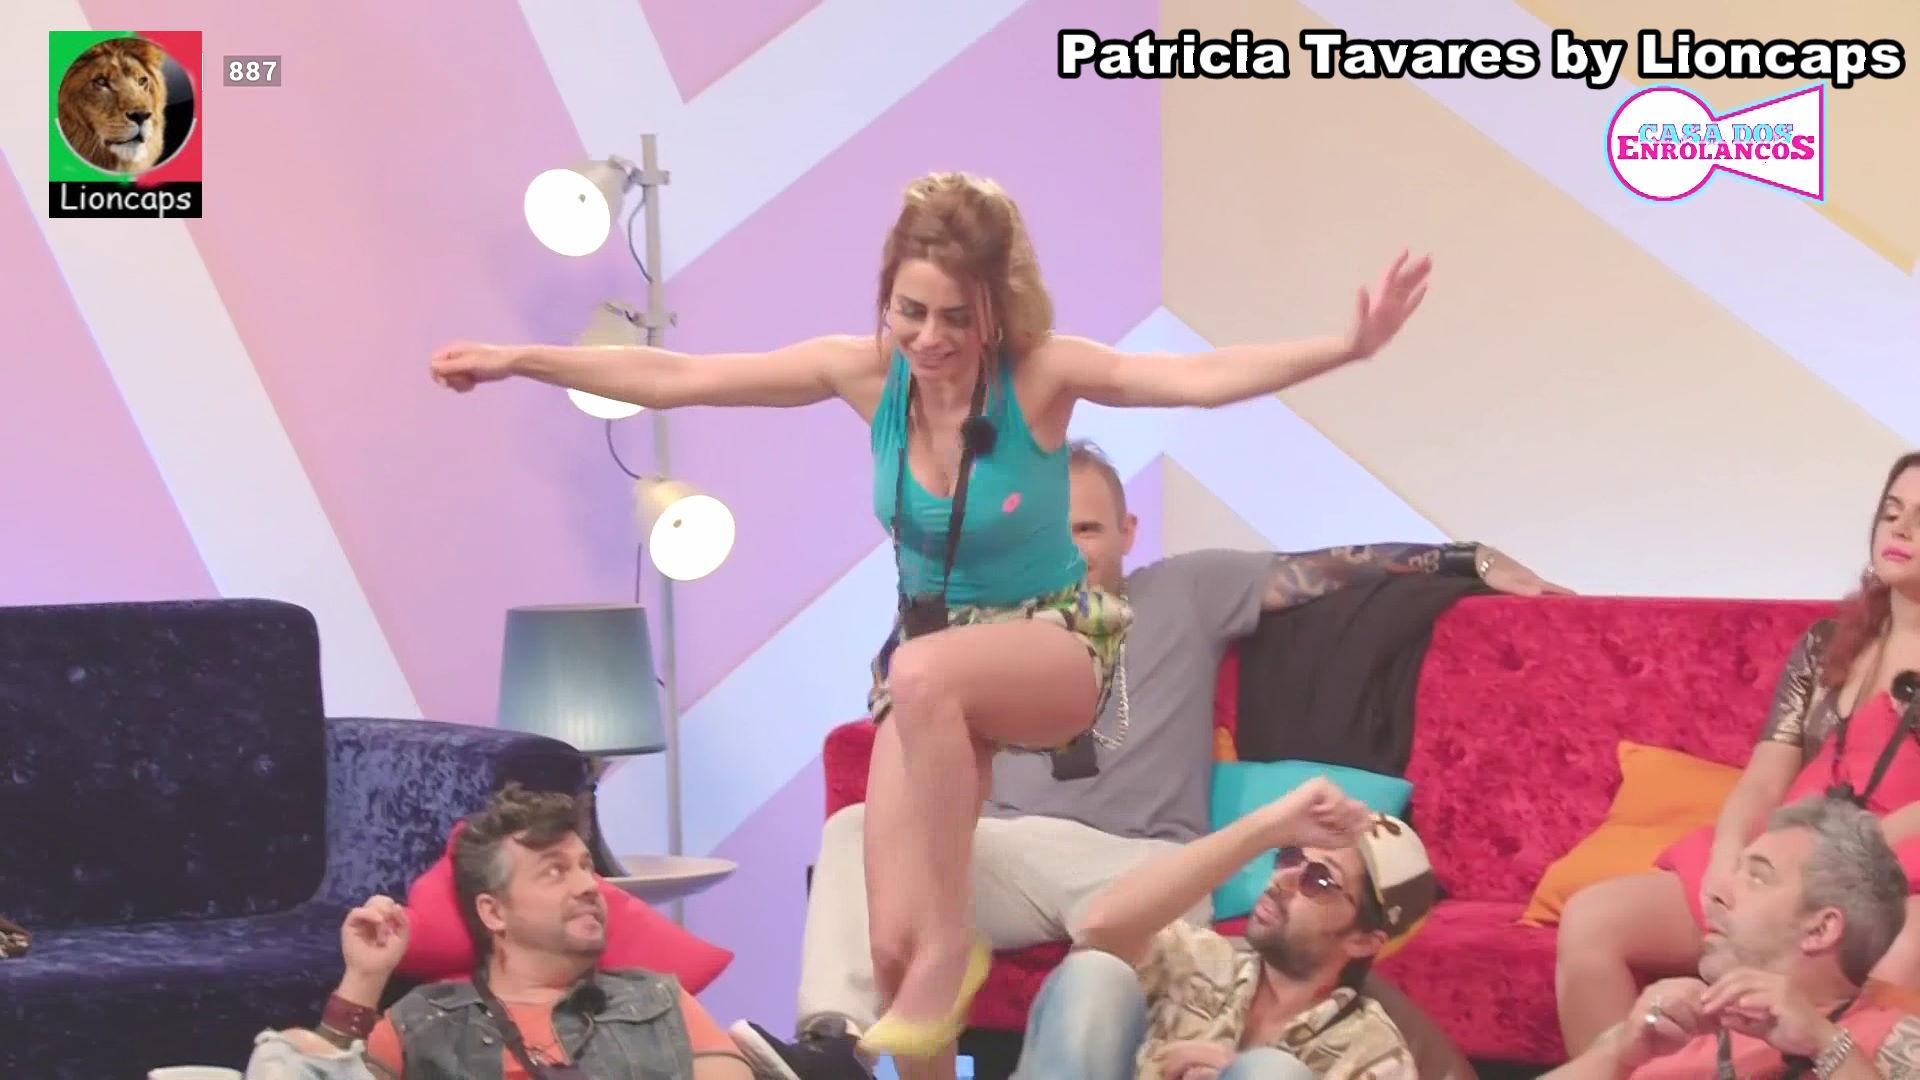 160212391_patricia_tavares_vs200325_1232_122_213lo.JPG